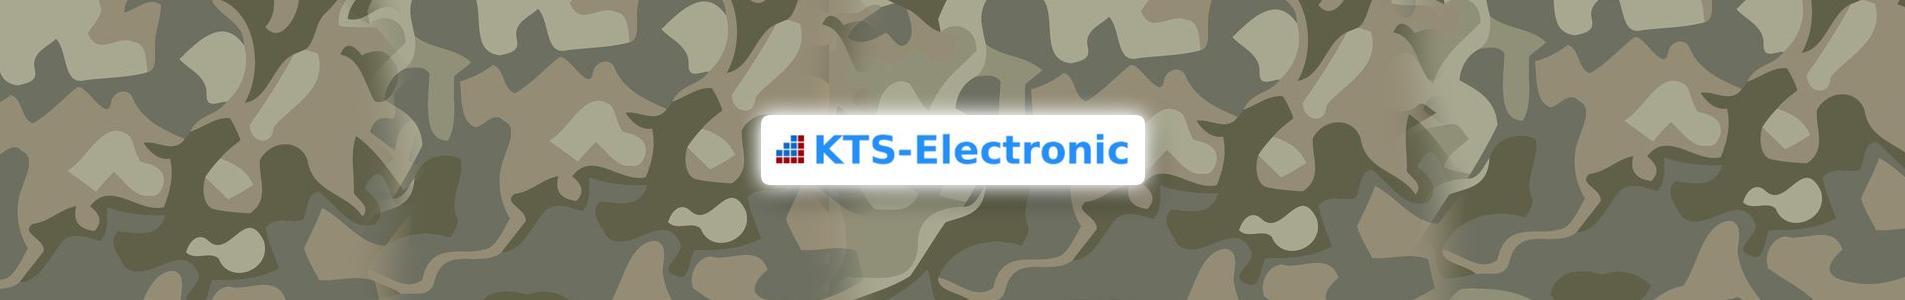 KTS-ELECTRONIC